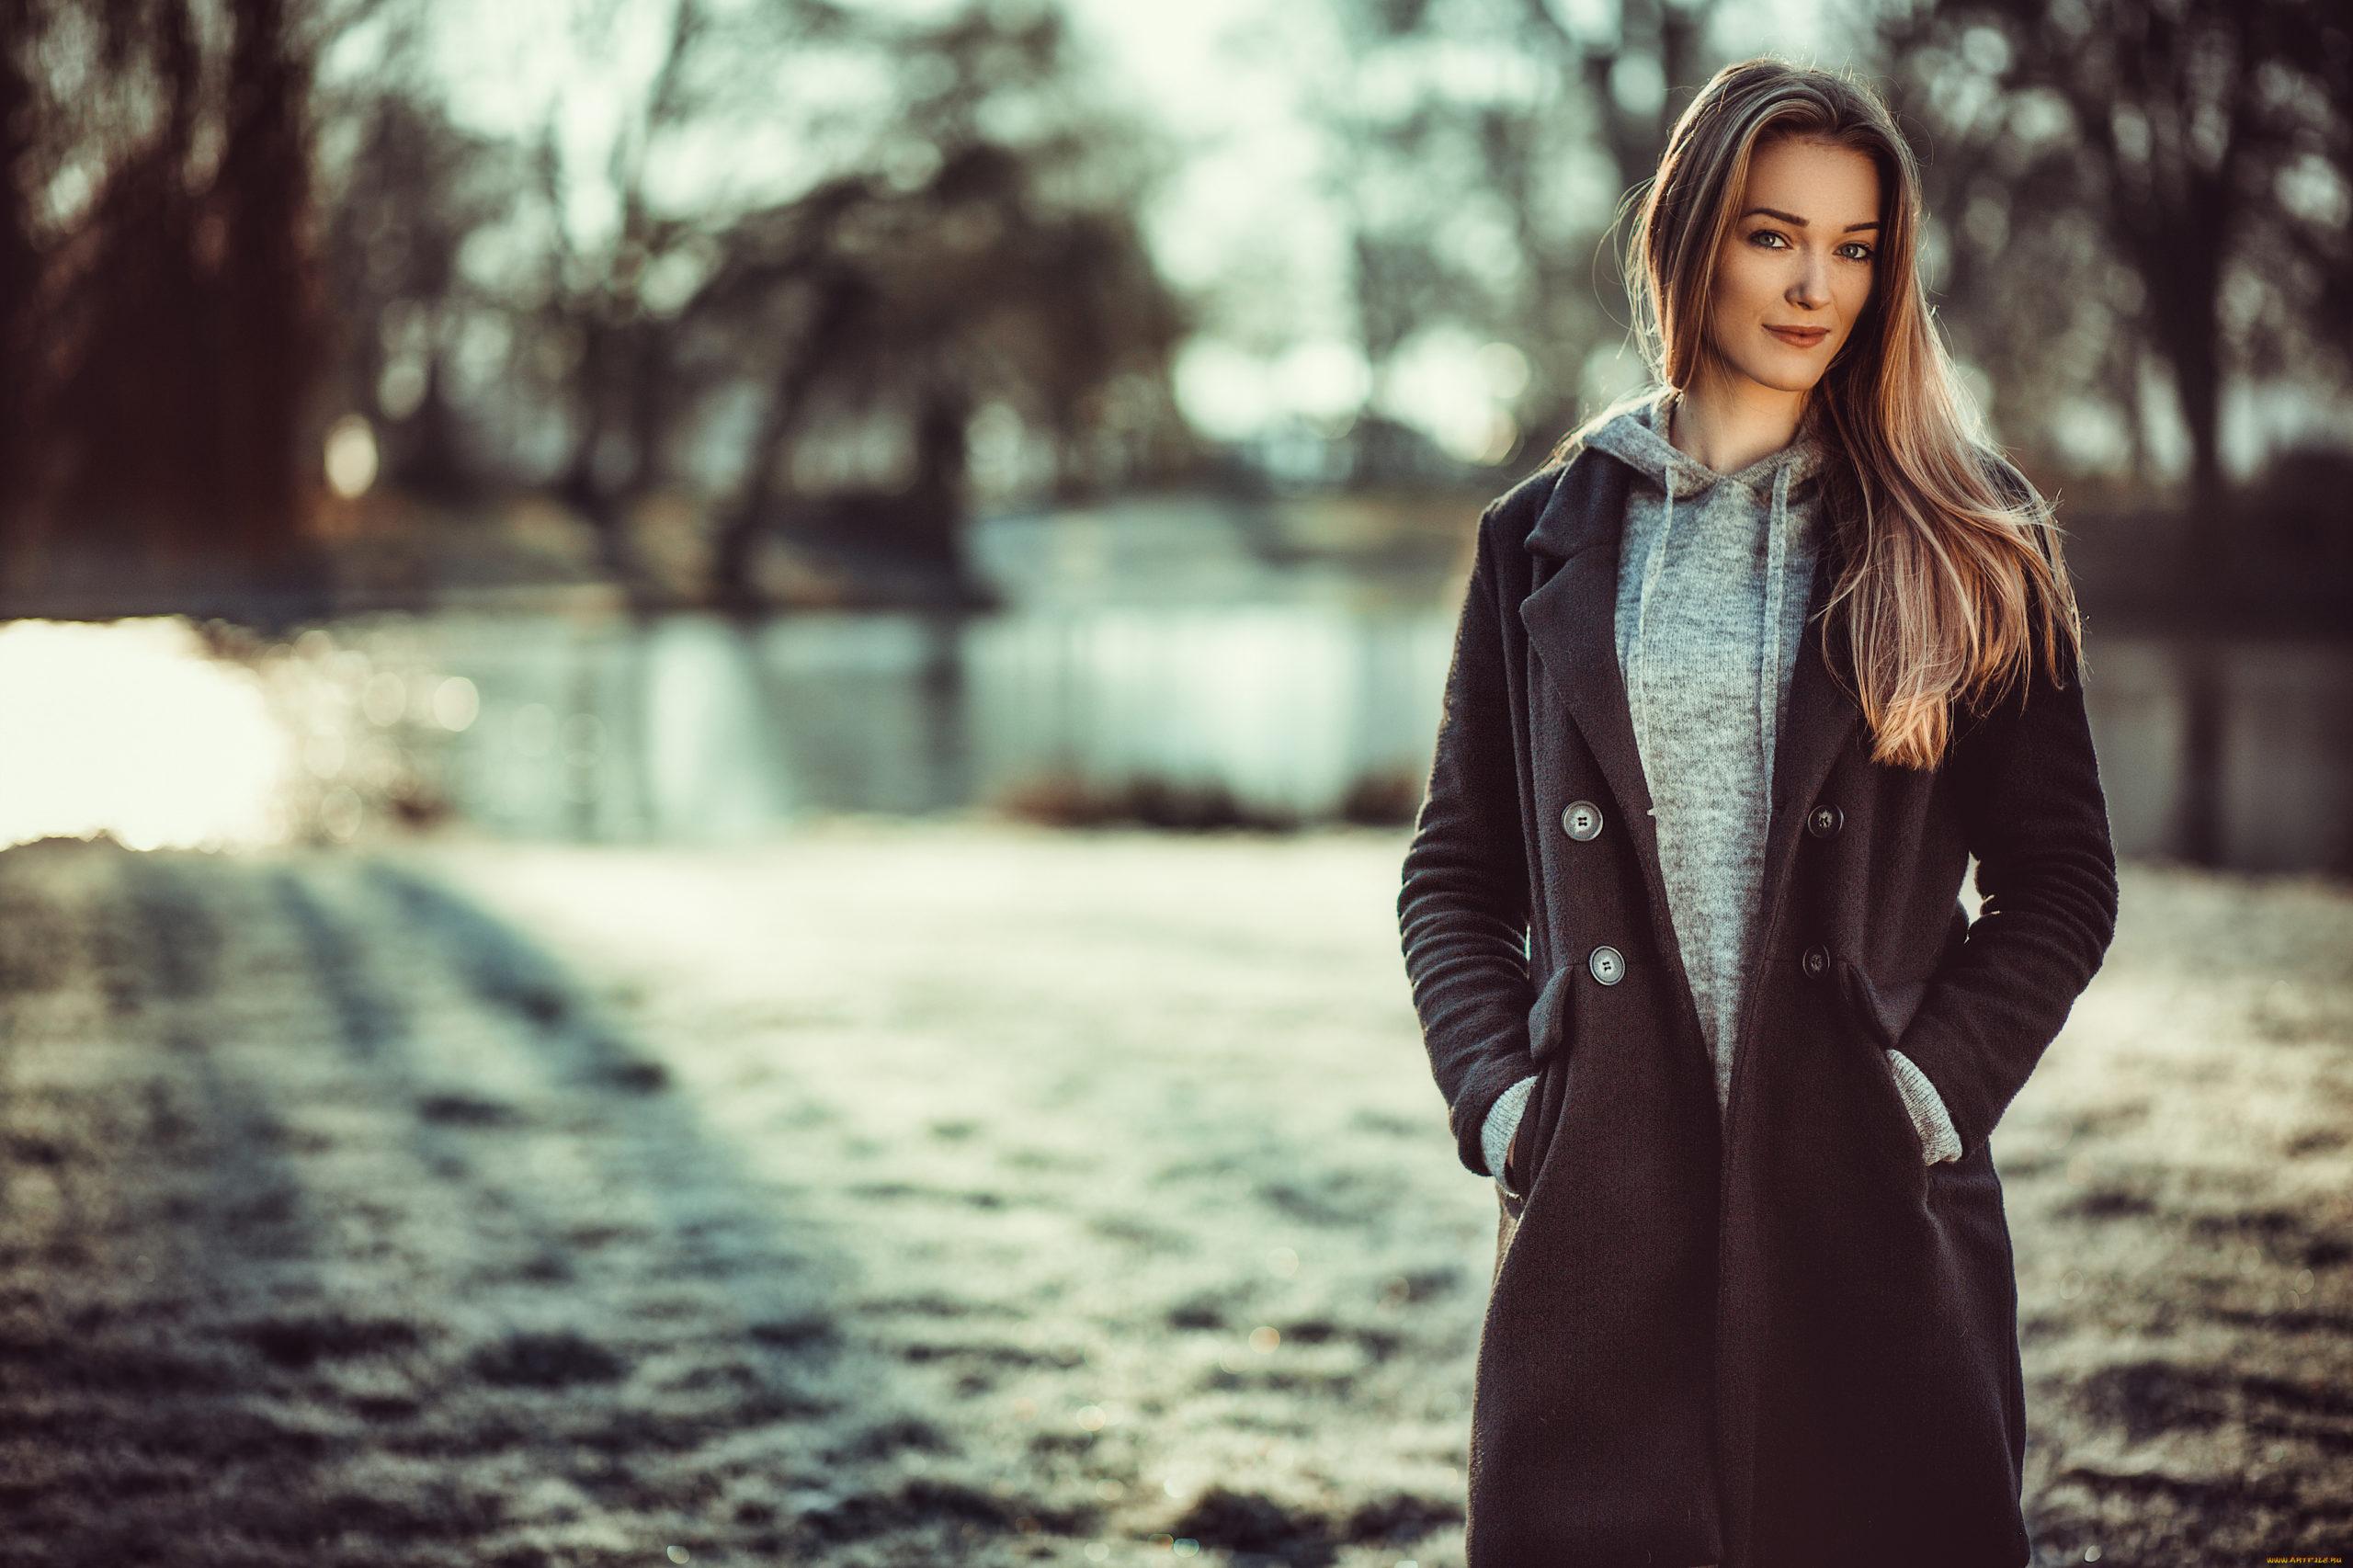 Стилисты рассказали, как правильно подобрать пальто на сезон 2021\22